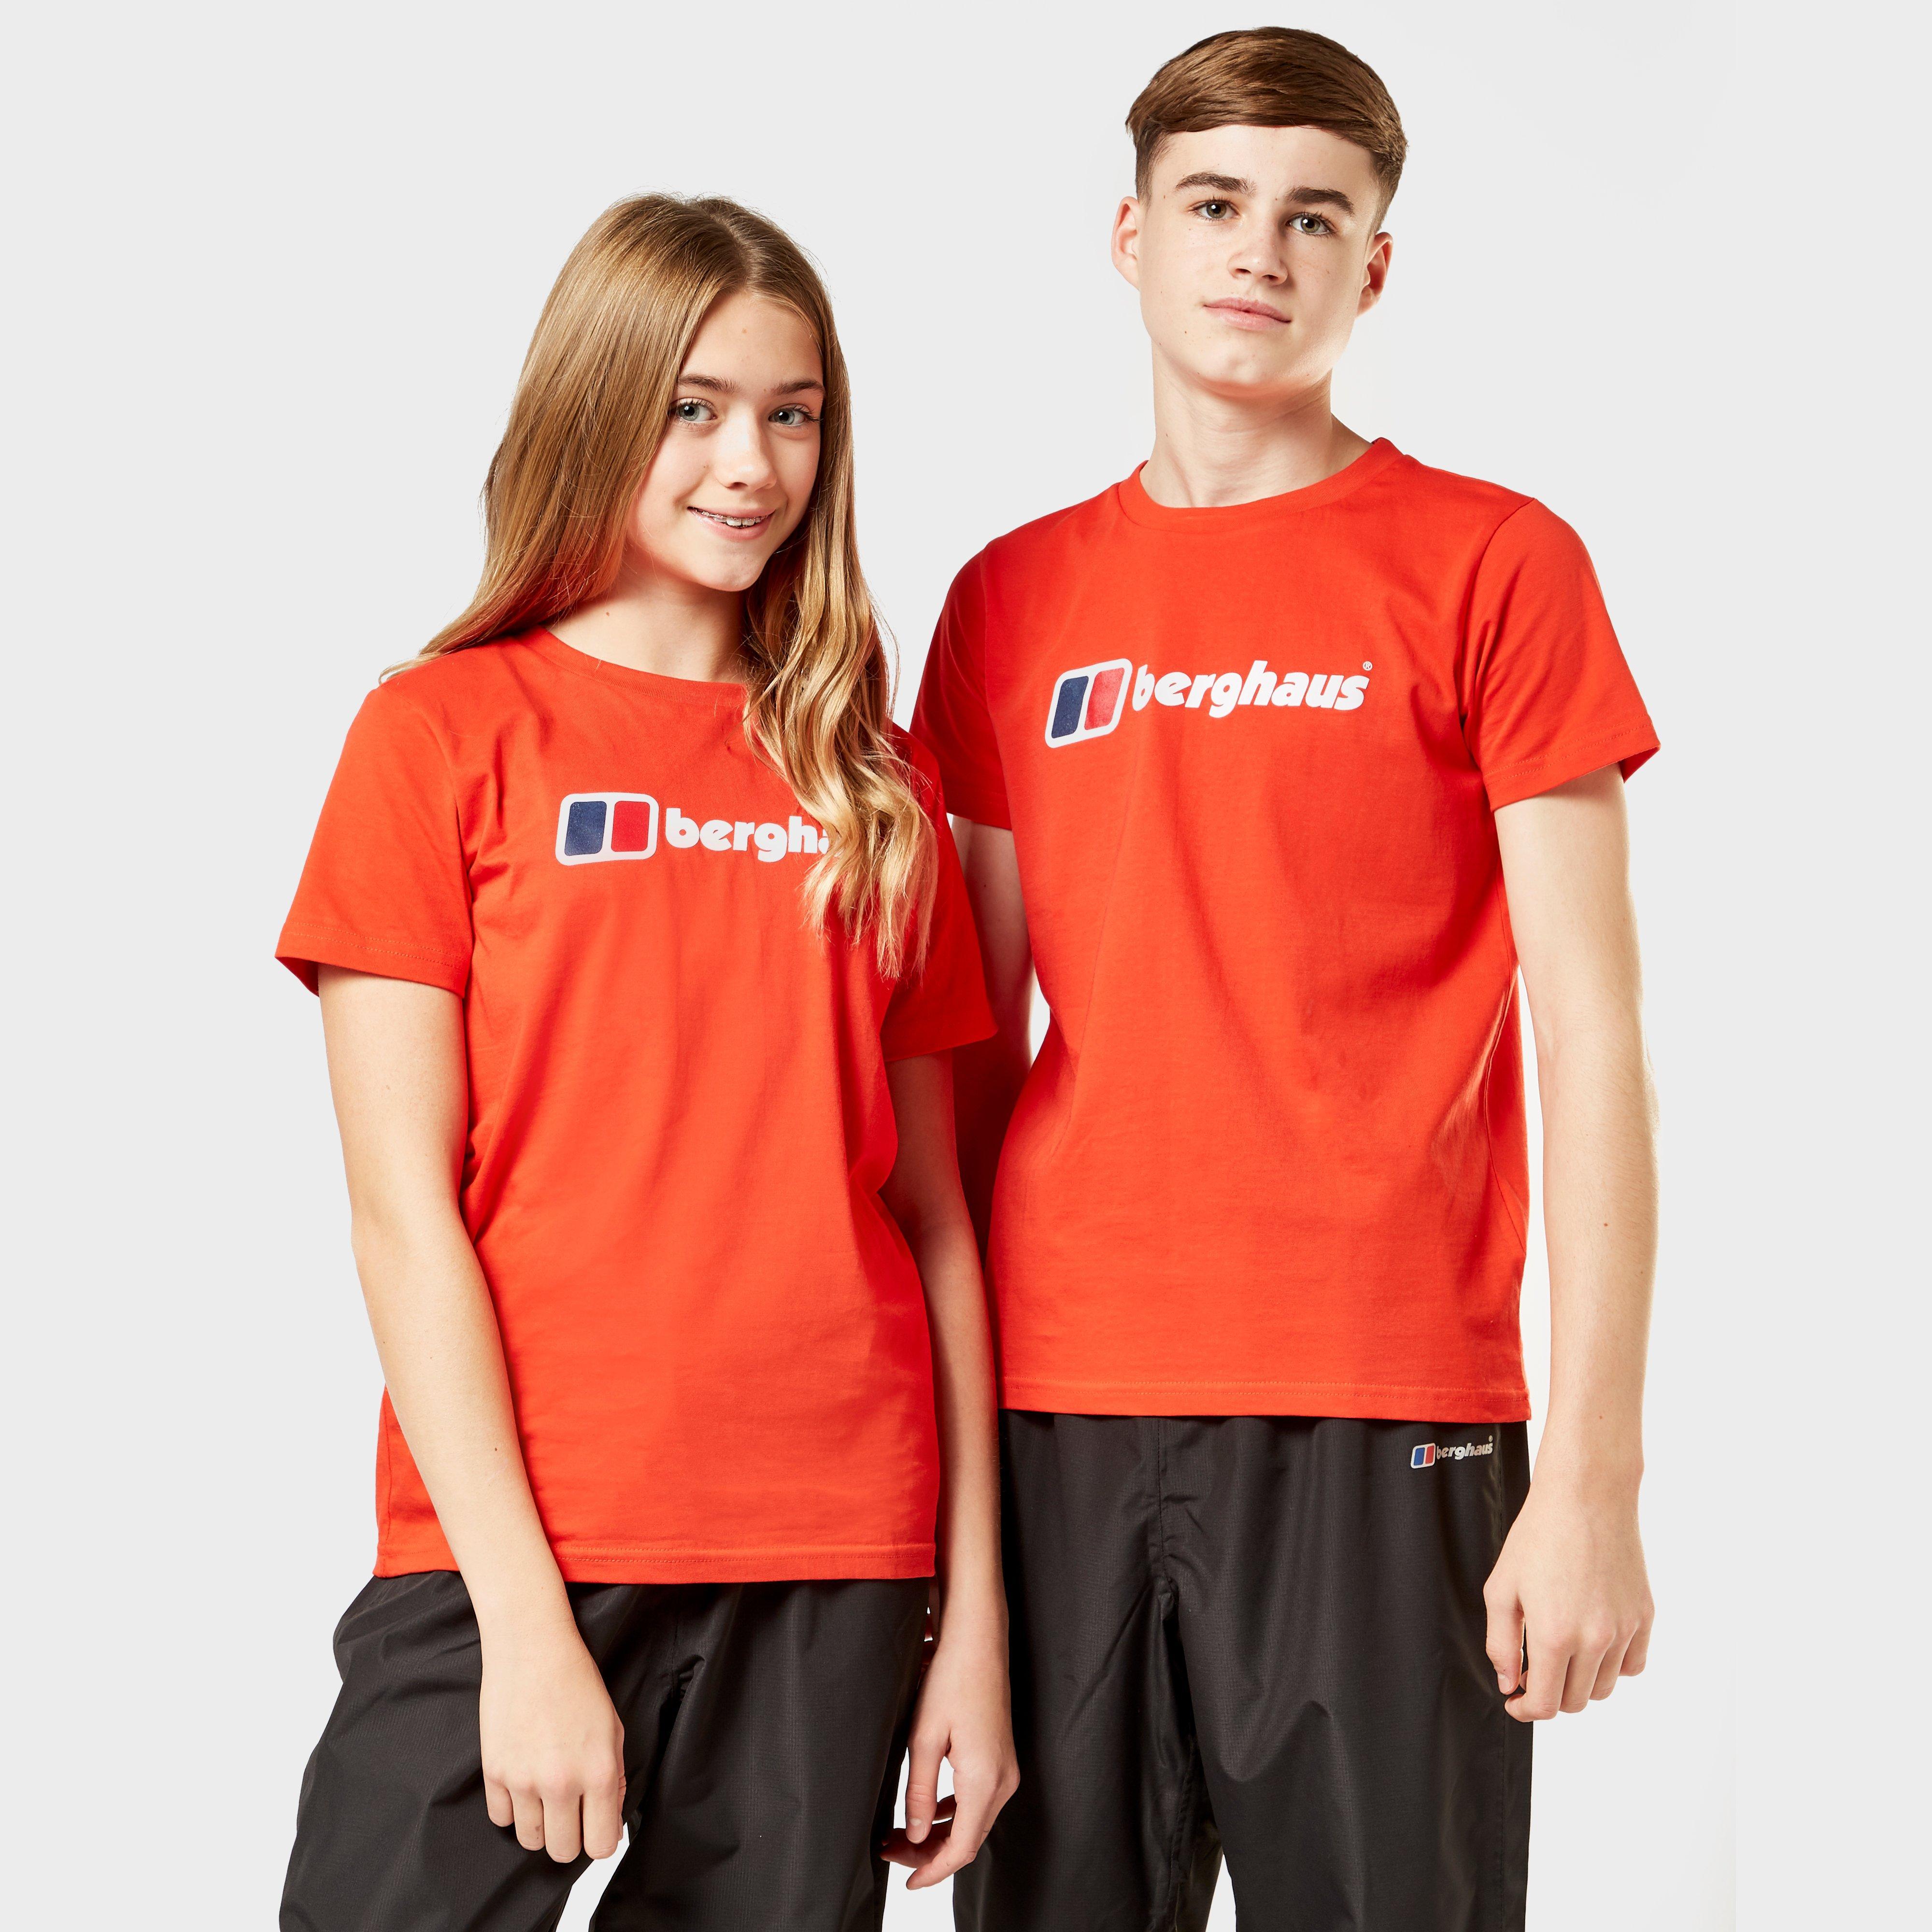 Berghaus Kids Logo T-shirt - Red/red  Red/red